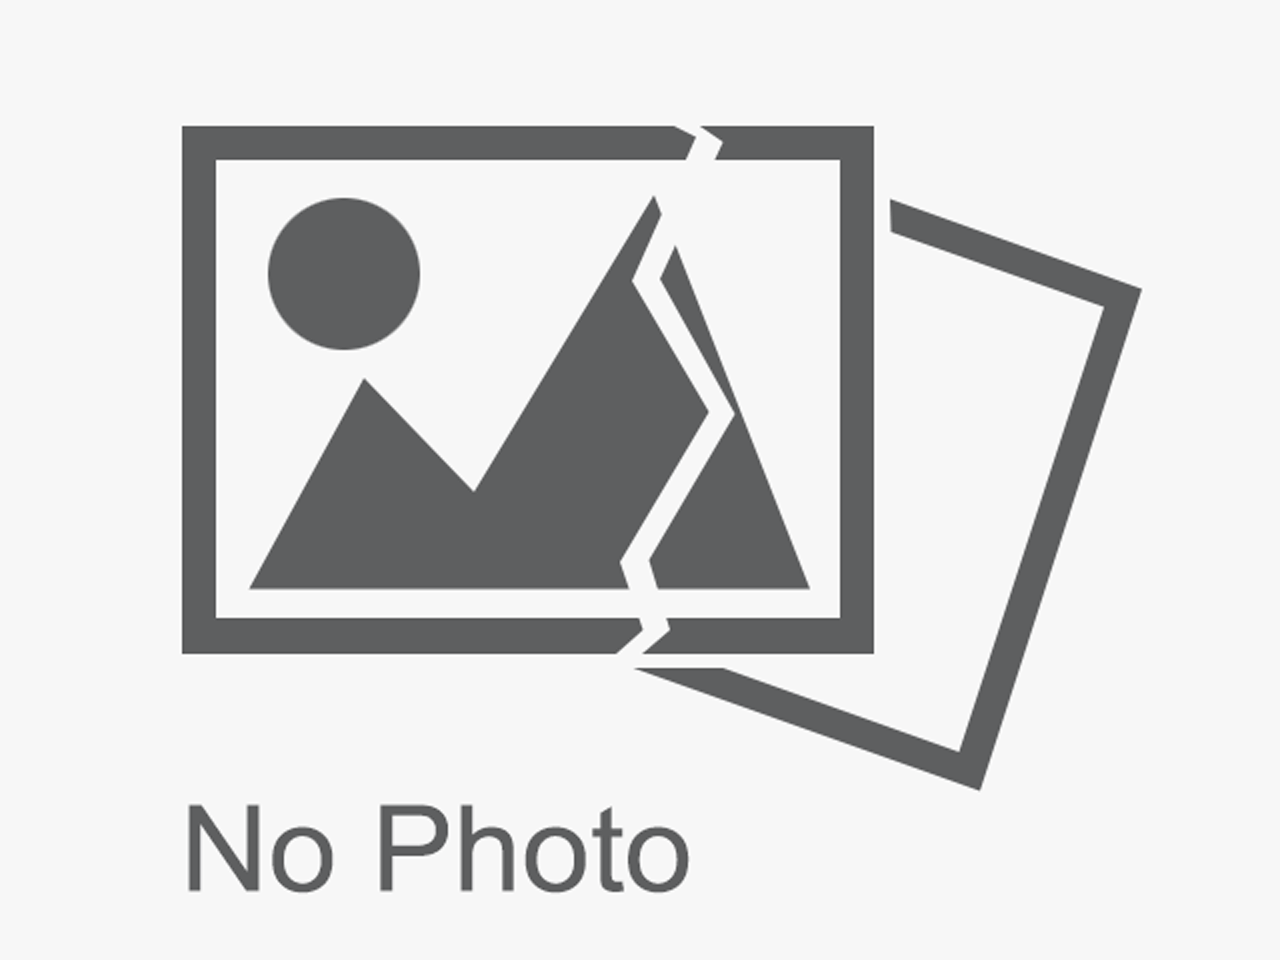 Használt VW  Kilométeróra / Műszercsoport / Óracsoport Alkatrész